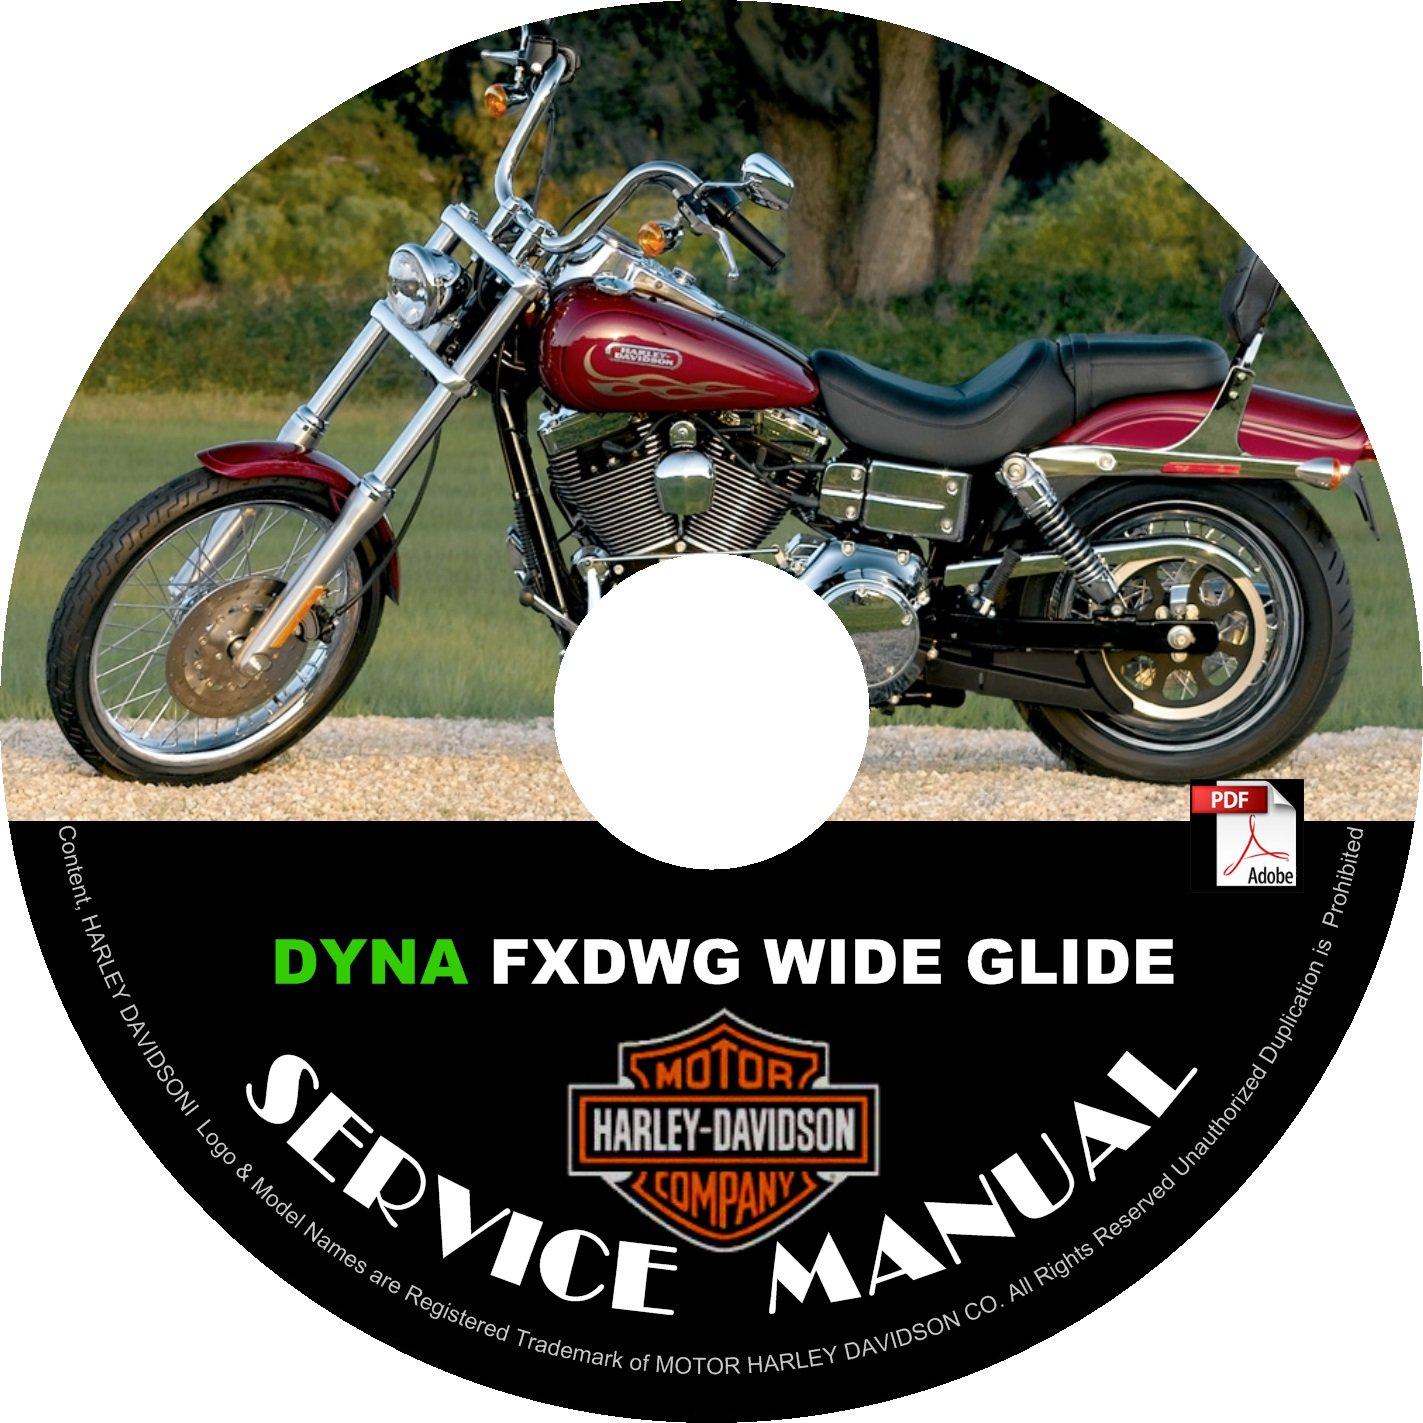 2005 Harley Davidson DYNA FXDWG Wide Glide Service Repair Shop Manual on CD '05 Fix Rebuild Workshop